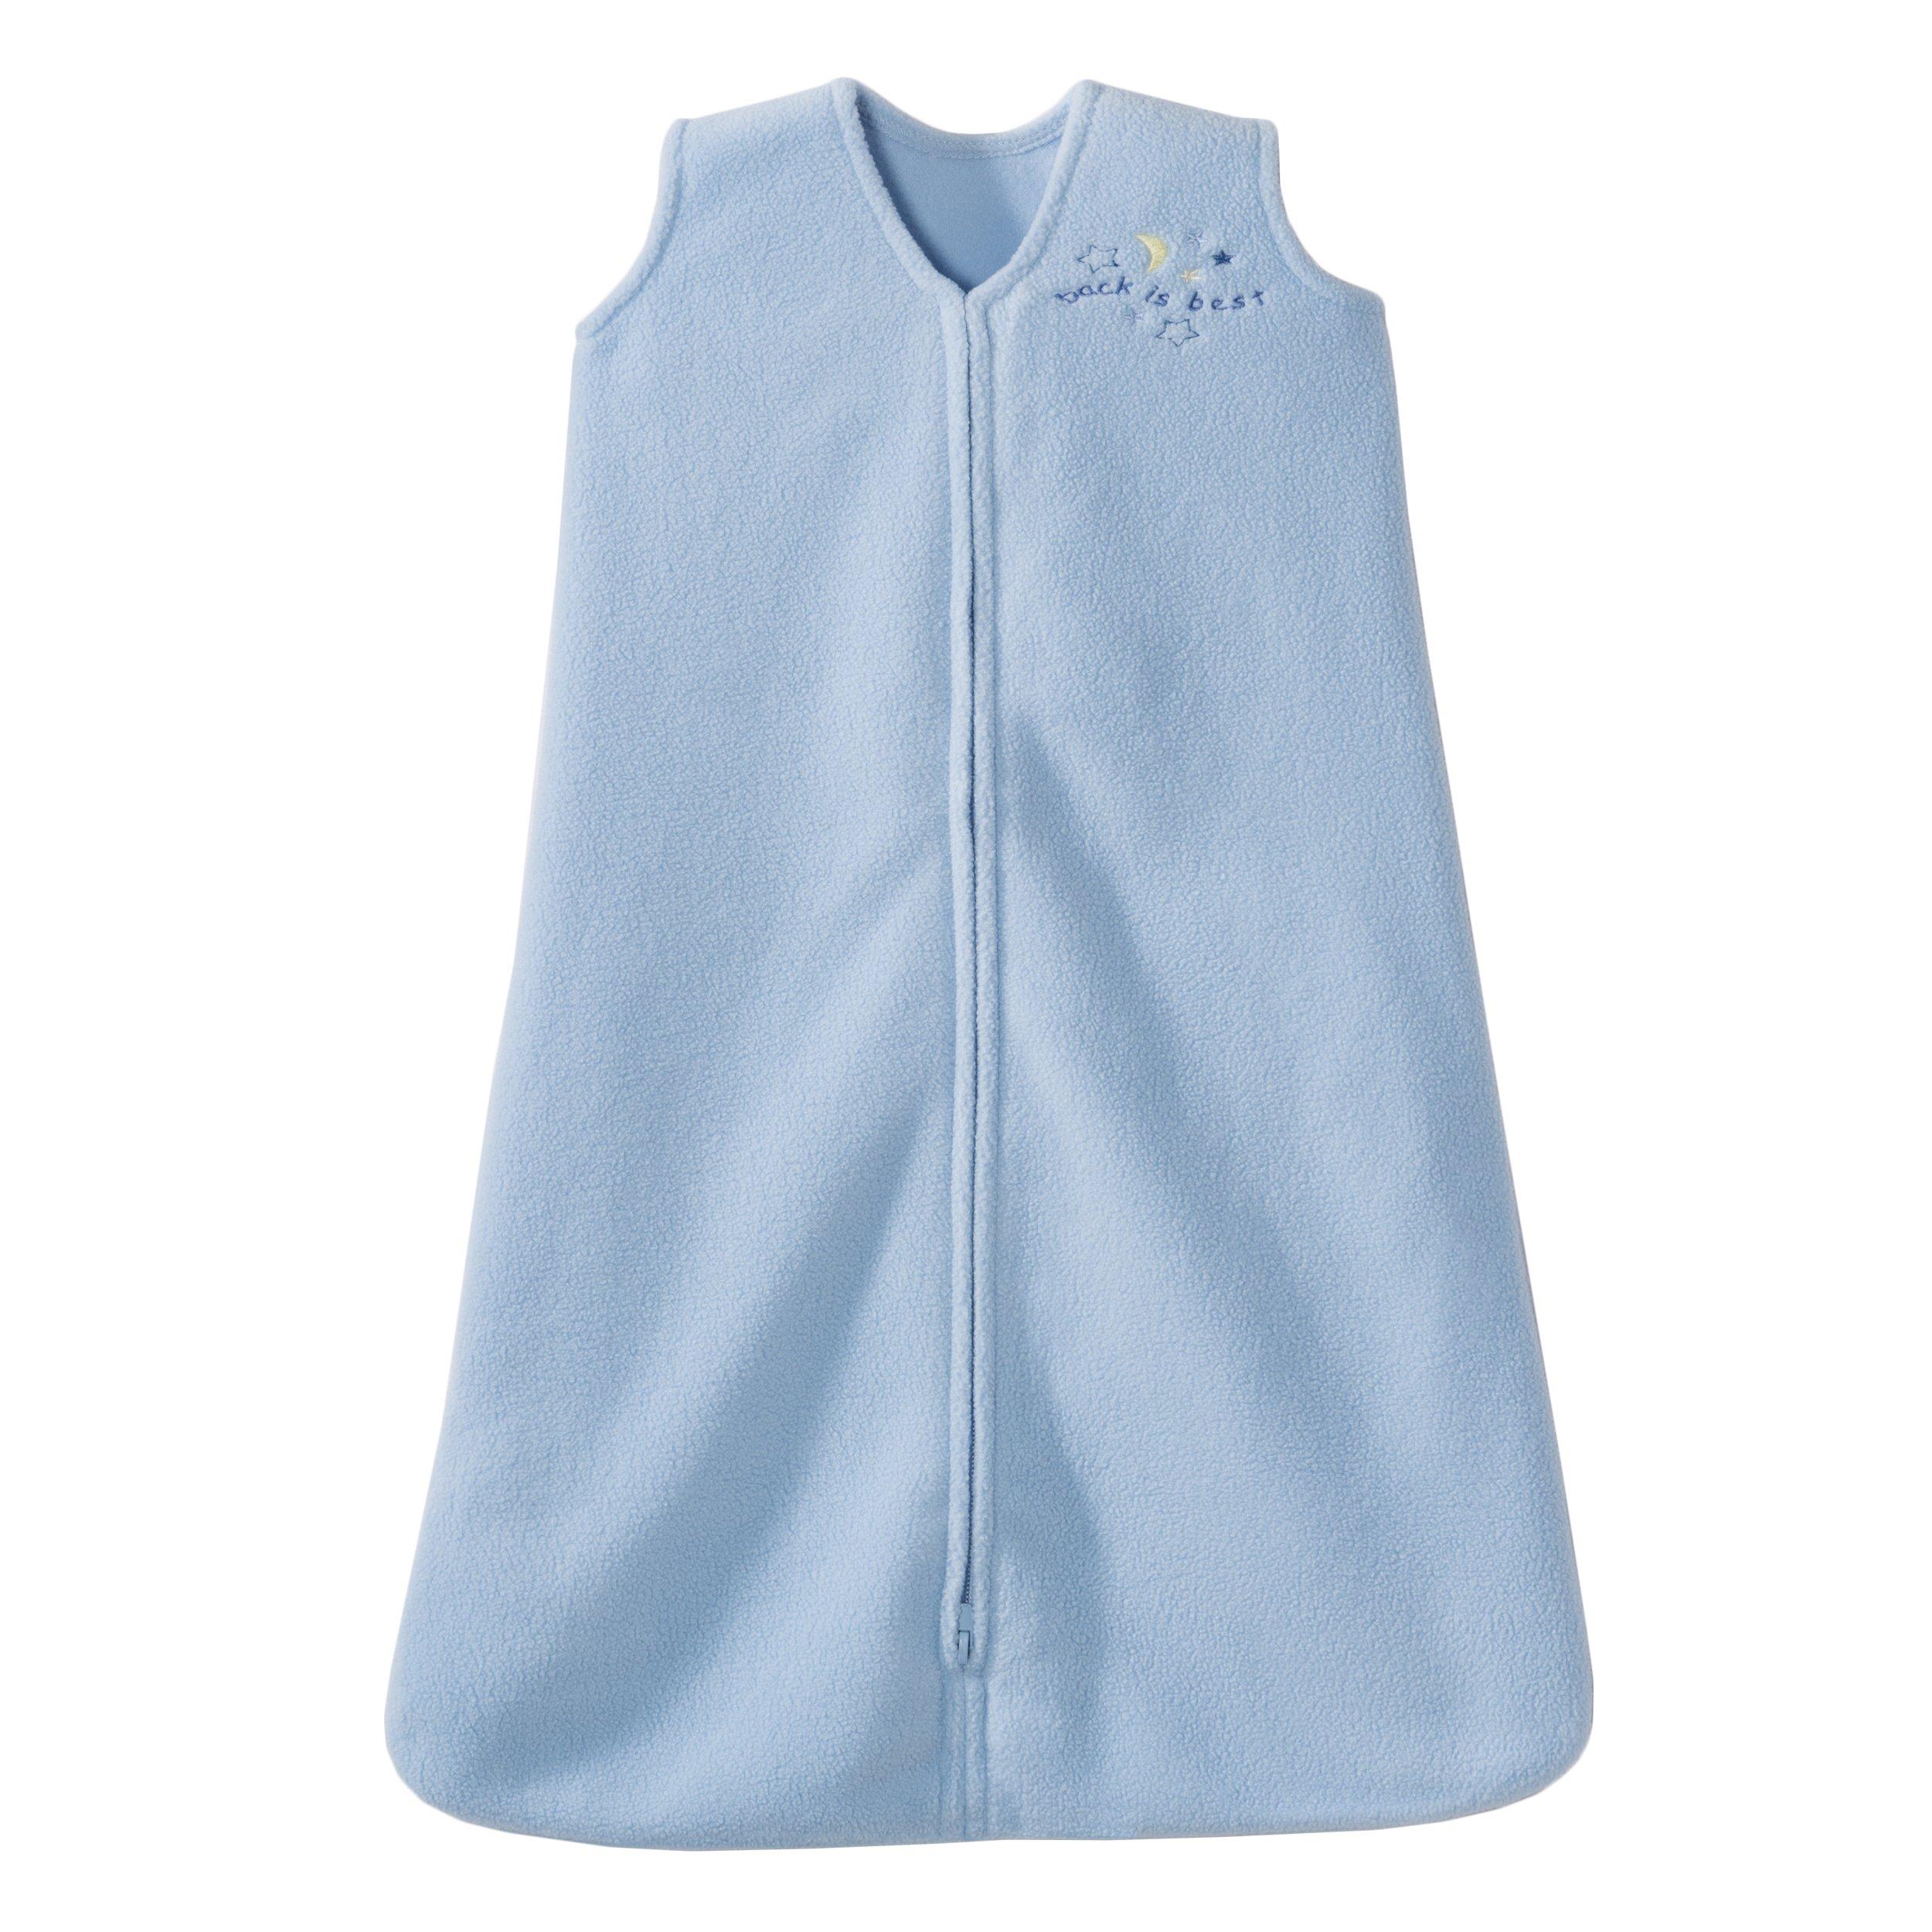 HALO Sleepsack Micro-Fleece Wearable Blanket, Baby Blue, X-Large